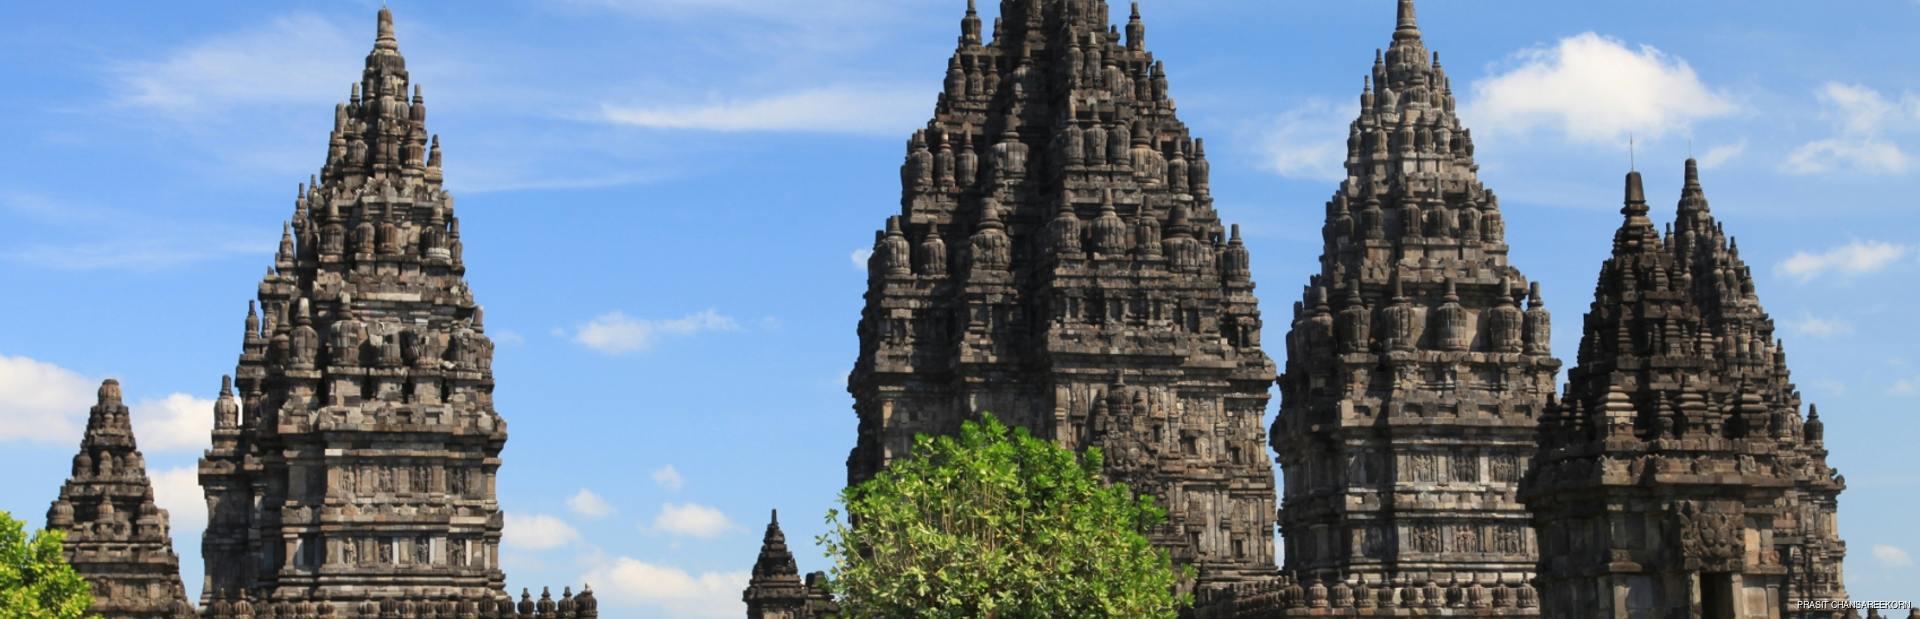 Hindu temple Prambanan seeing behind the leaves